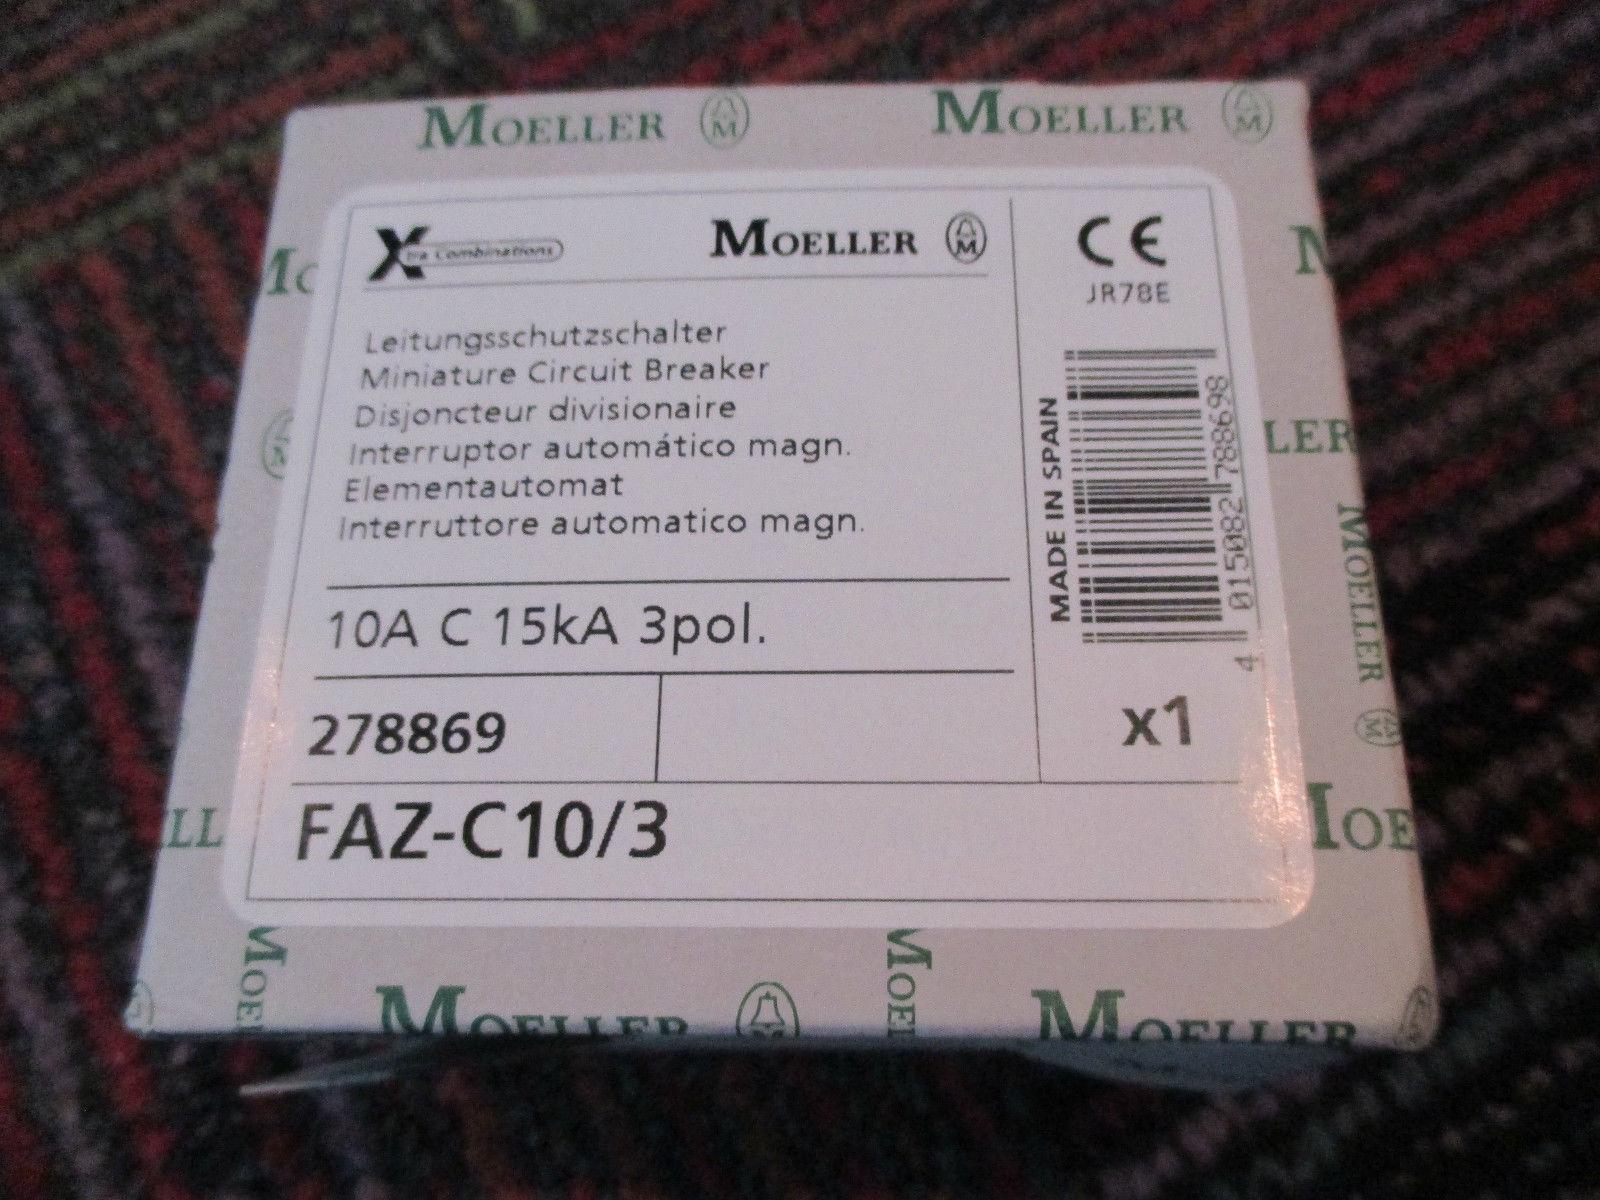 New Moeller Mini Circuit Breaker Faz C10 3 And Similar Items Miniature Breakers 10a 3pol Nib Ready To Go